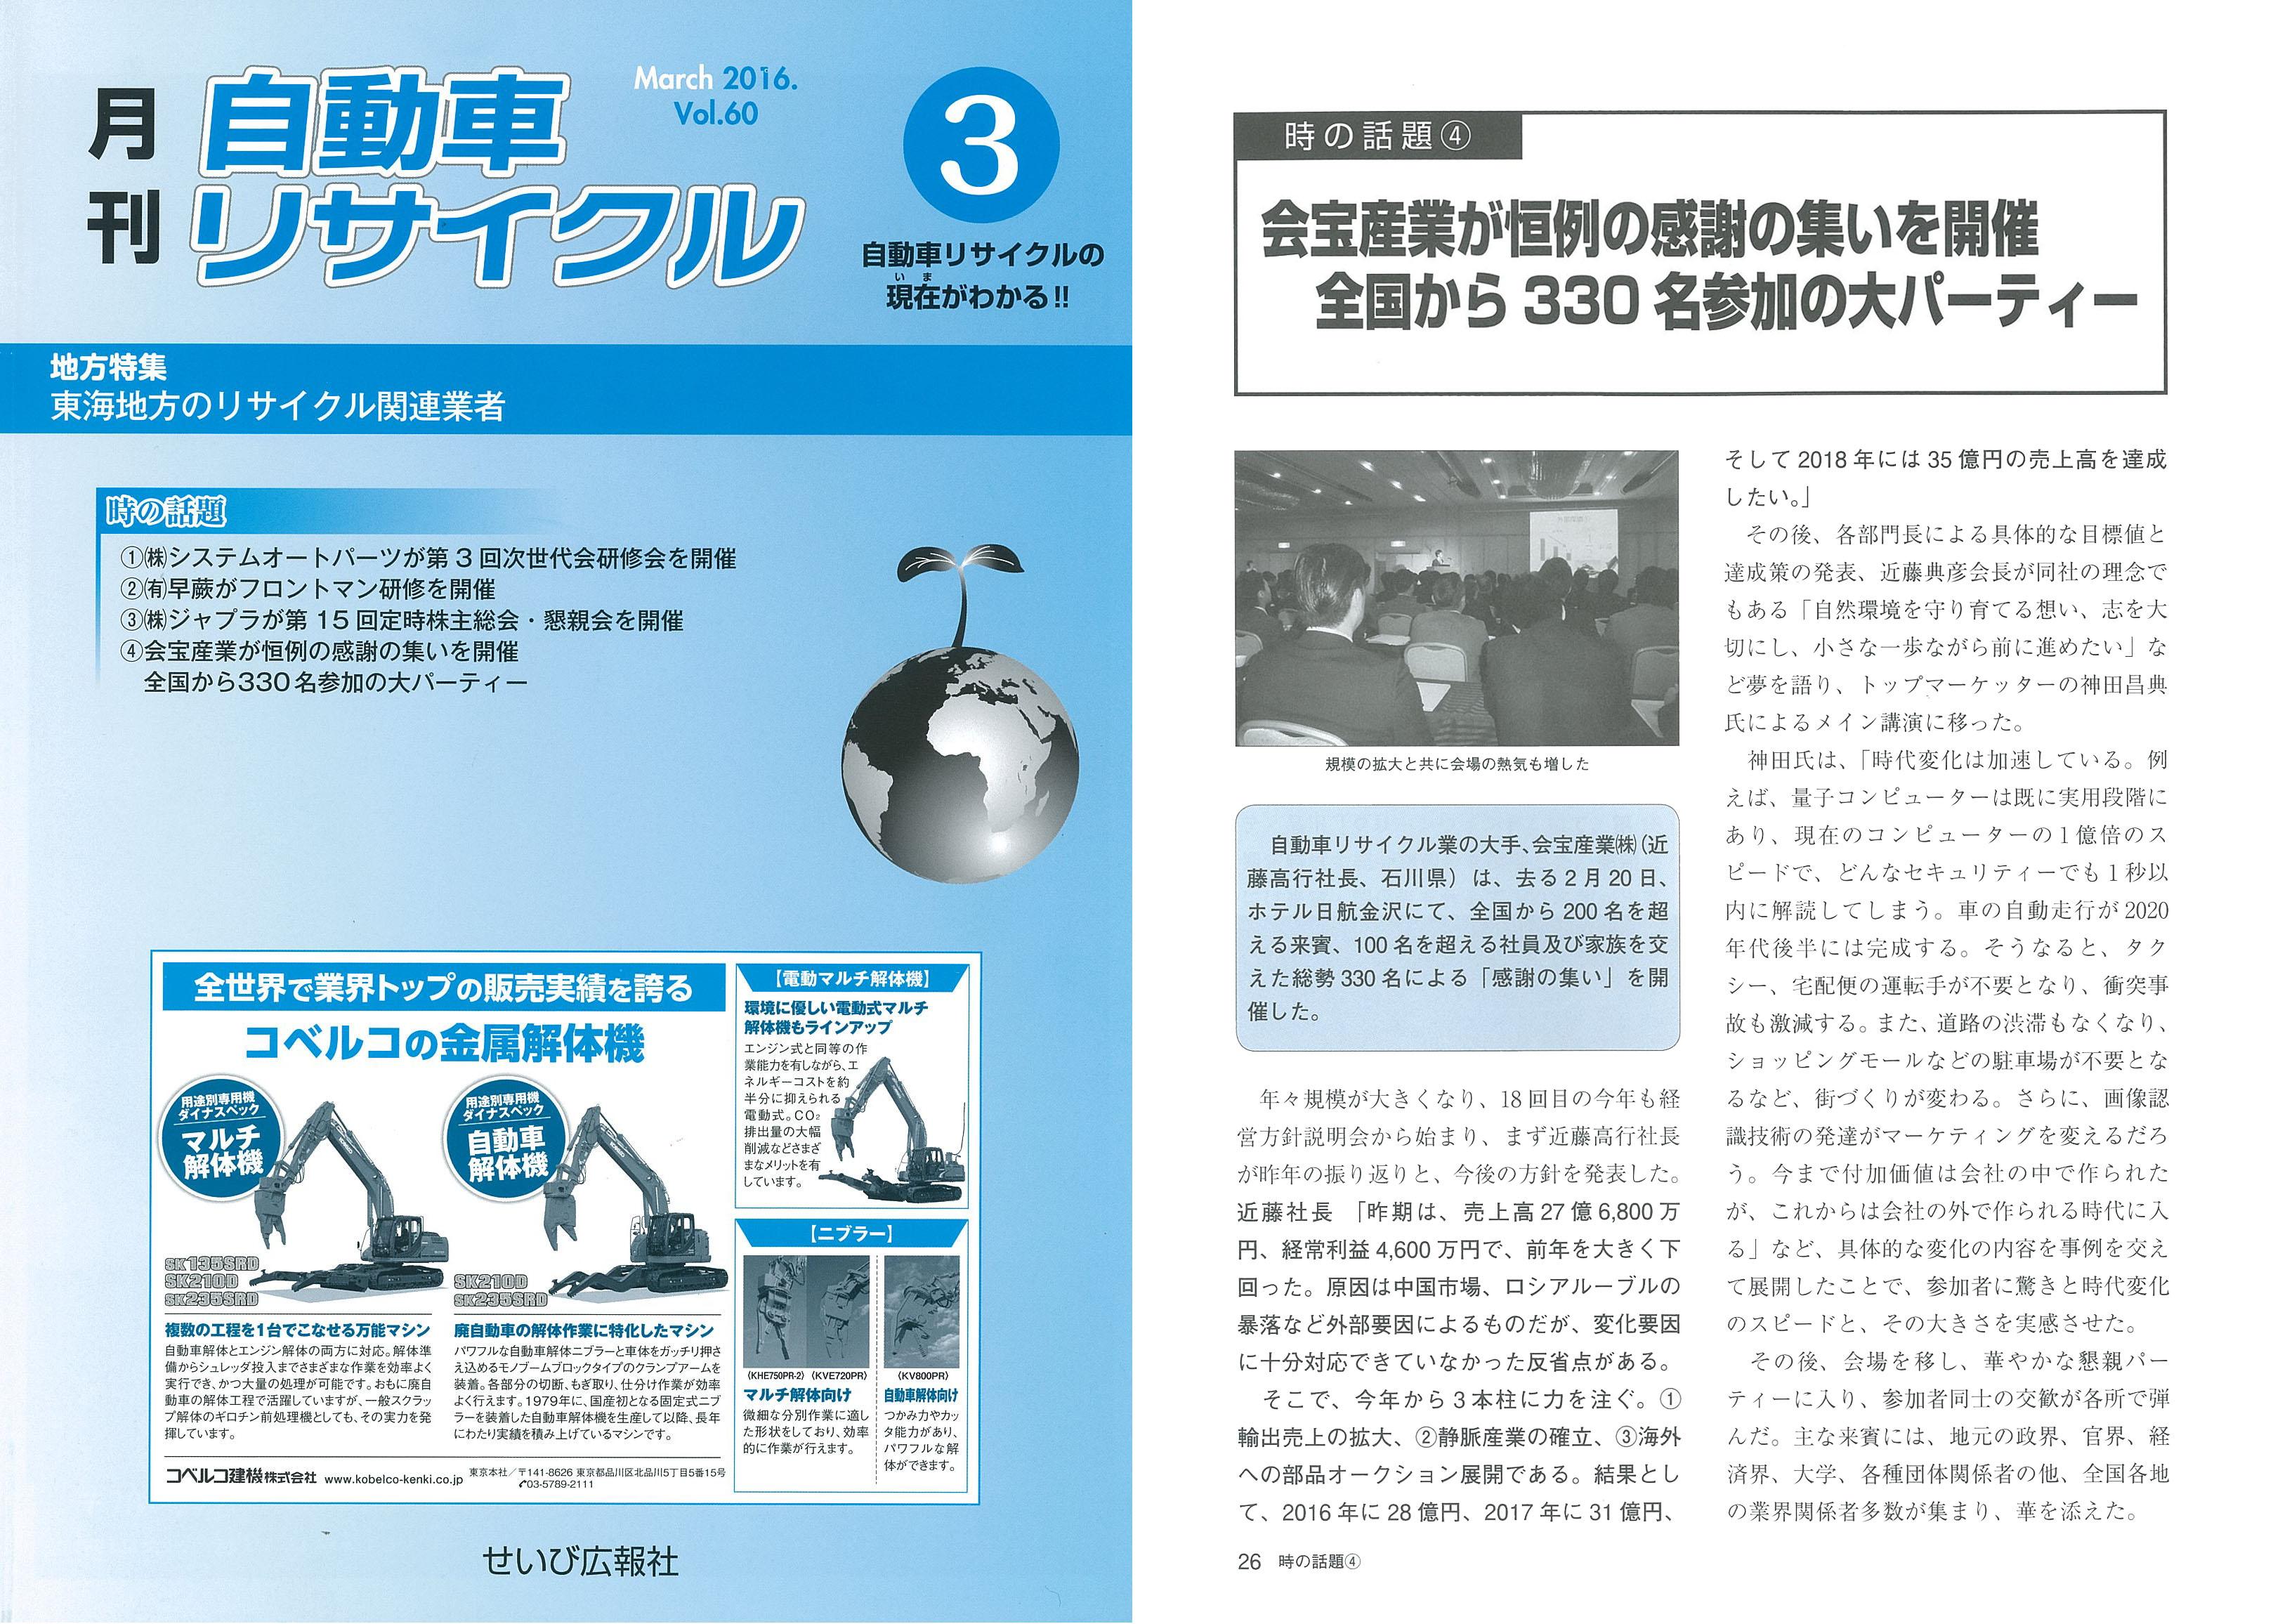 月刊自動車リサイクル 3月号』 | 会宝産業株式会社